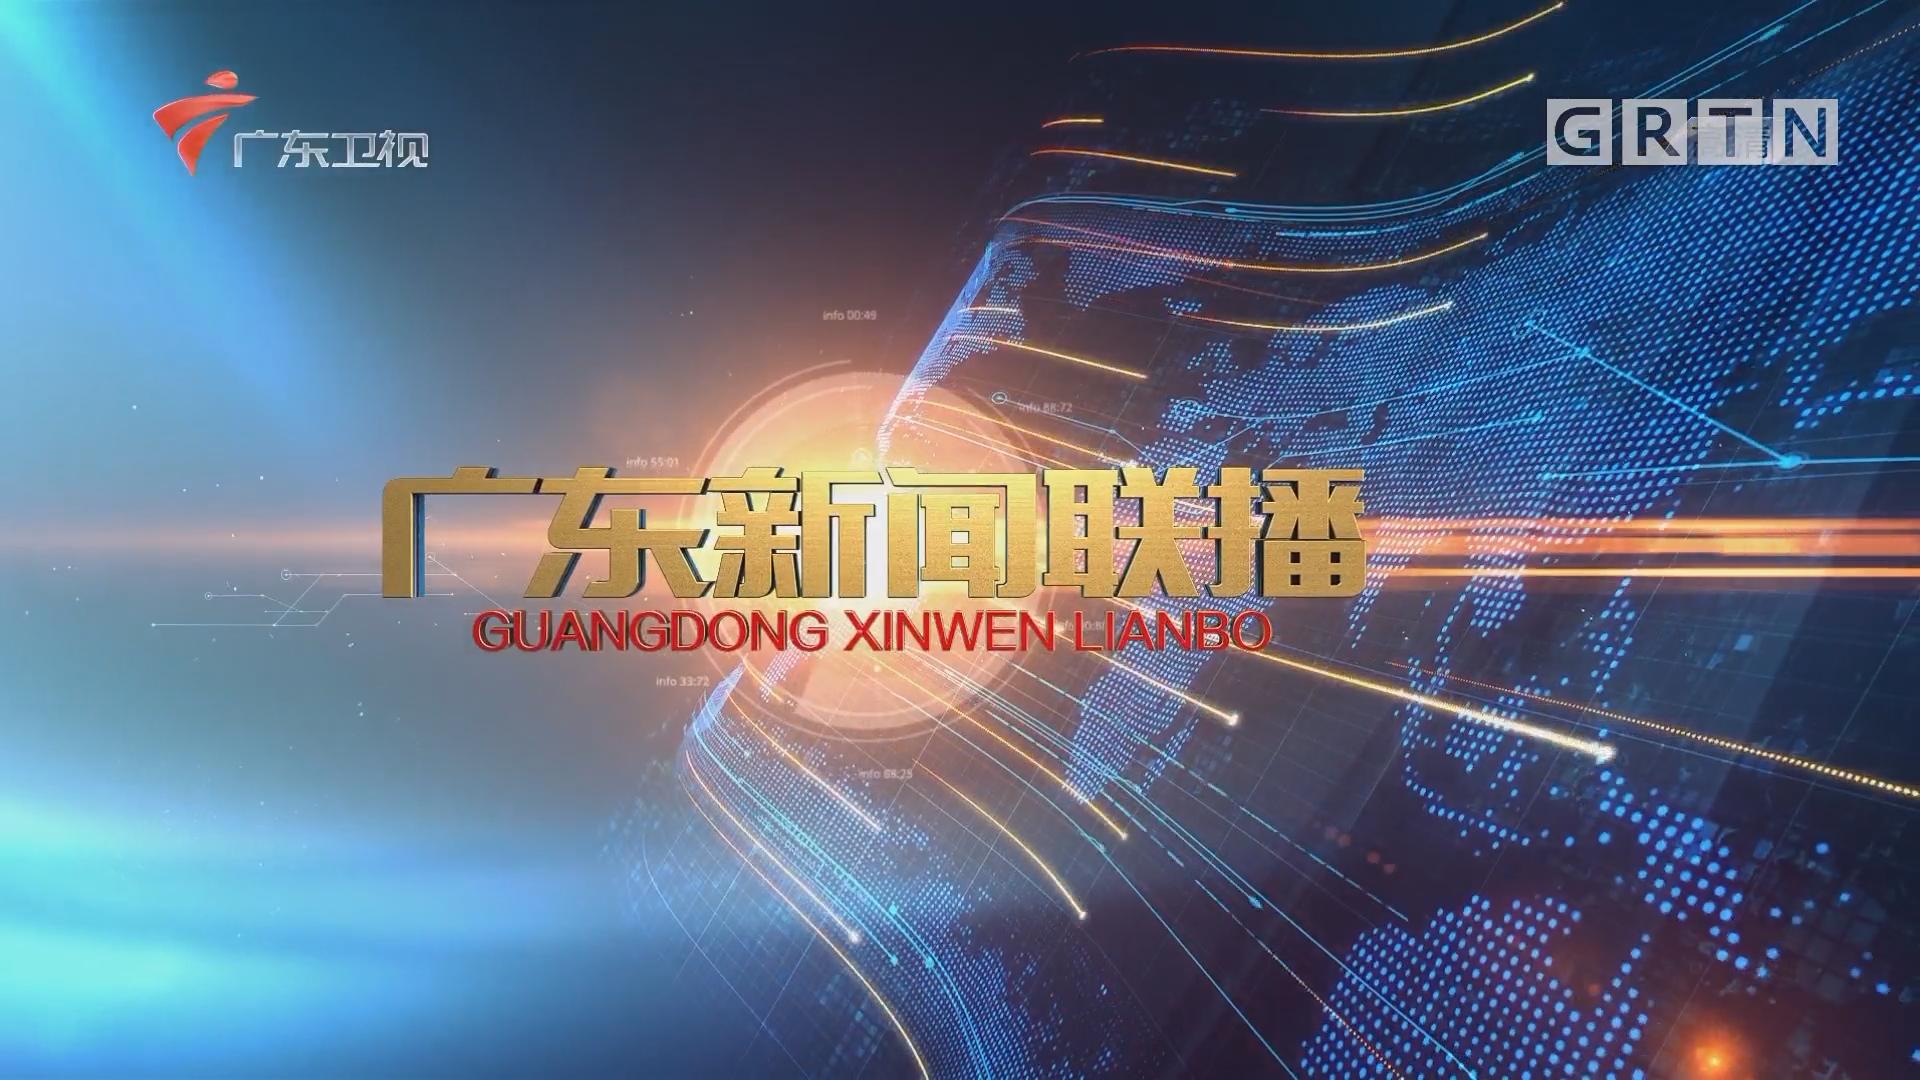 [HD][2018-06-17]广东新闻联播:李希与延安市党政代表团座谈交流 弘扬延安精神 深化交流合作